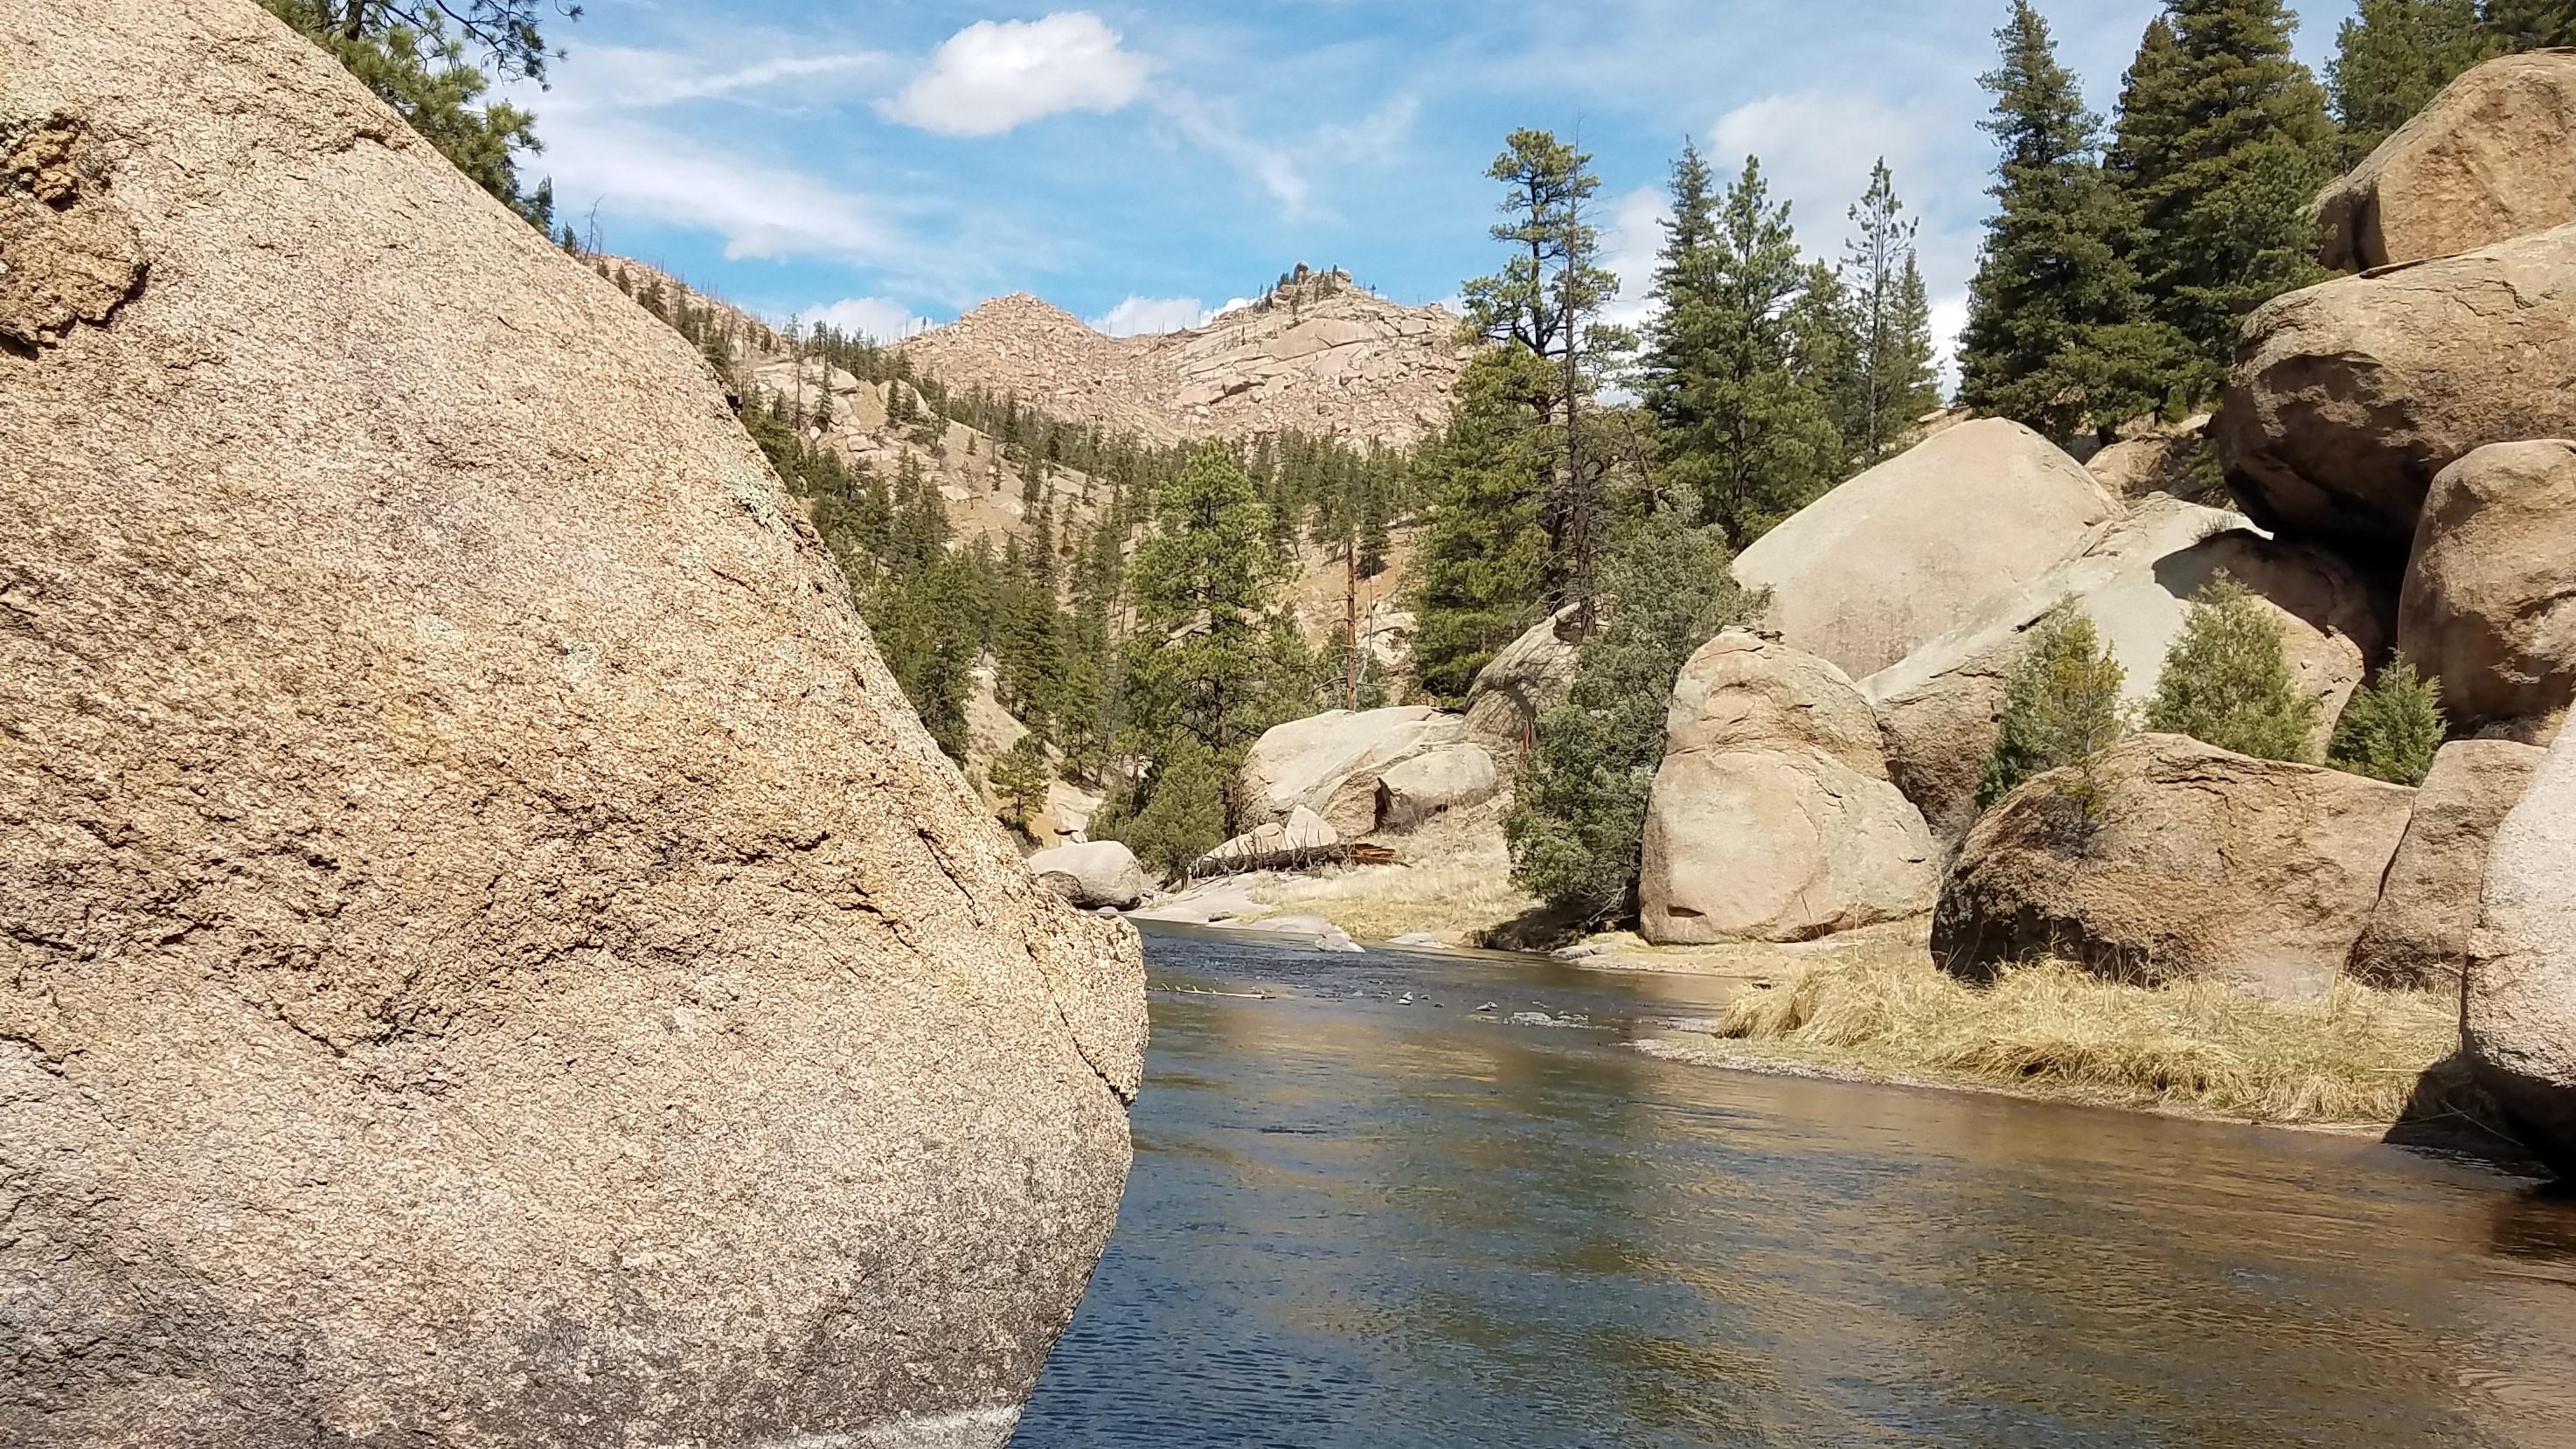 S. Platte River